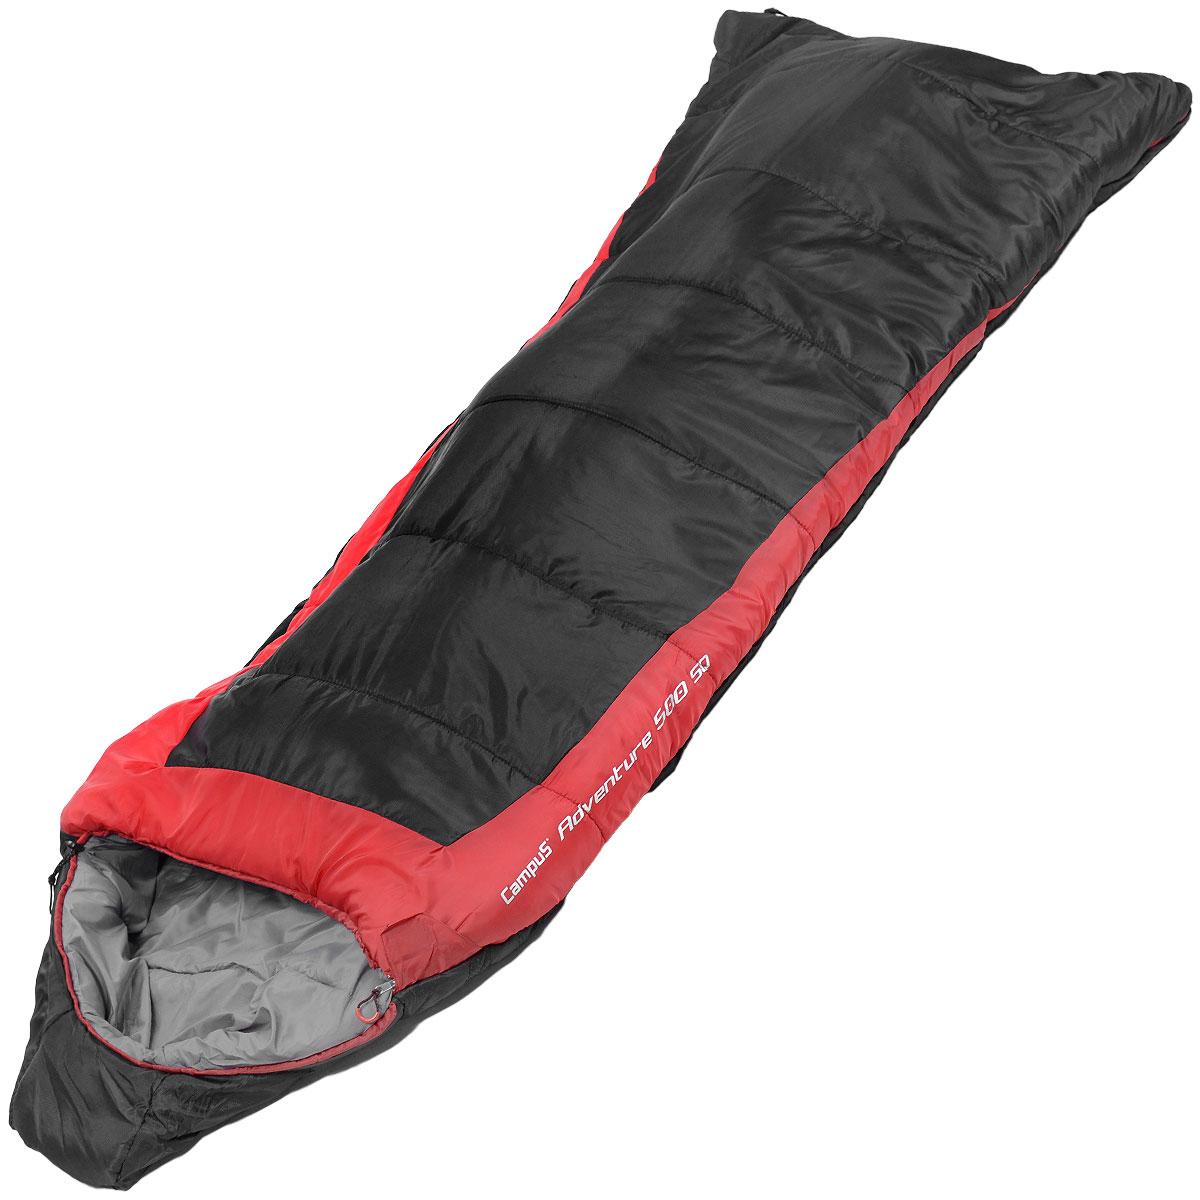 Спальный мешок Campus Adventure 500SQ, правосторонняя молния, 240 см х 95 см10701025Данная модель предусмотрена для холодного времени года, так как рассчитана на температуру до -17° C. Слой синтетического утеплителя контролирует терморегуляцию внутри спального мешка, поддерживая в нем необходимую температуру. Коконообразная анатомическая форма обеспечивает плотное прилегание спального мешка, в то же время внутри него предусмотрено достаточно свободного места для комфортного сна. В сложенном виде мешок занимает очень мало места и весит совсем не много. Тип спального мешка: одеяло с капюшоном. Утеплитель: 6D BLOCK, HOLLOWFIBER 500 г/м2. Внешний материал: нейлон. Внутренний материал: полиэстер.